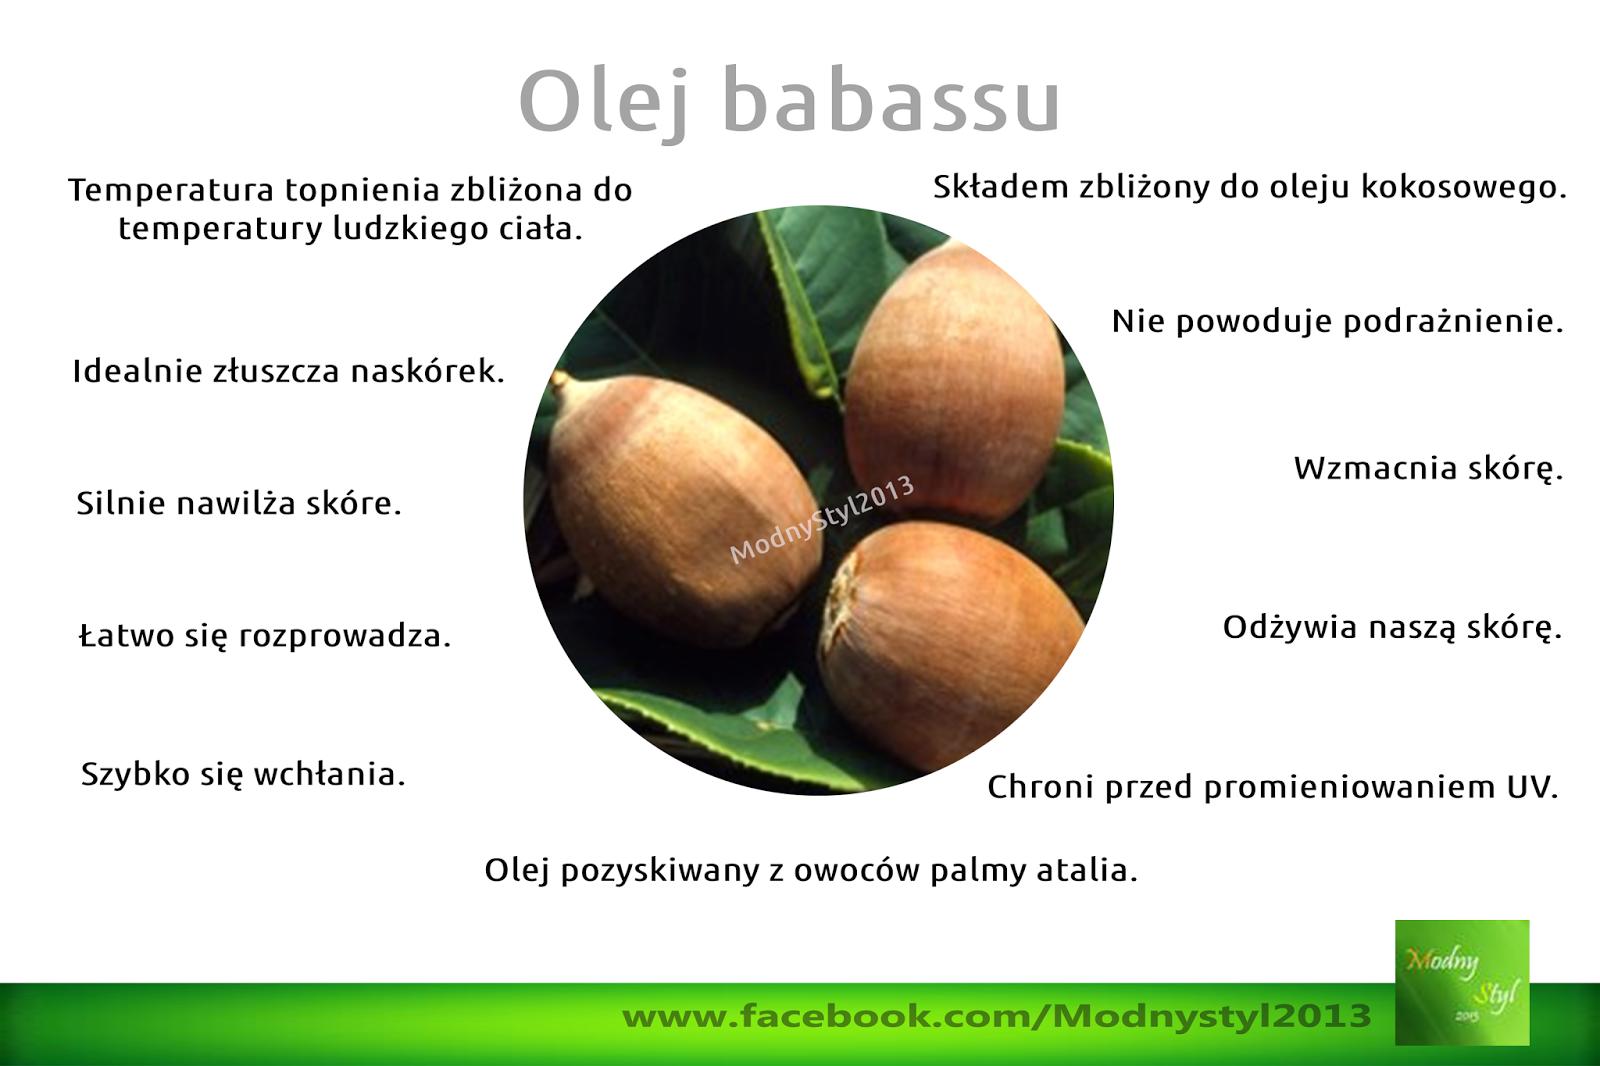 Olej babassu